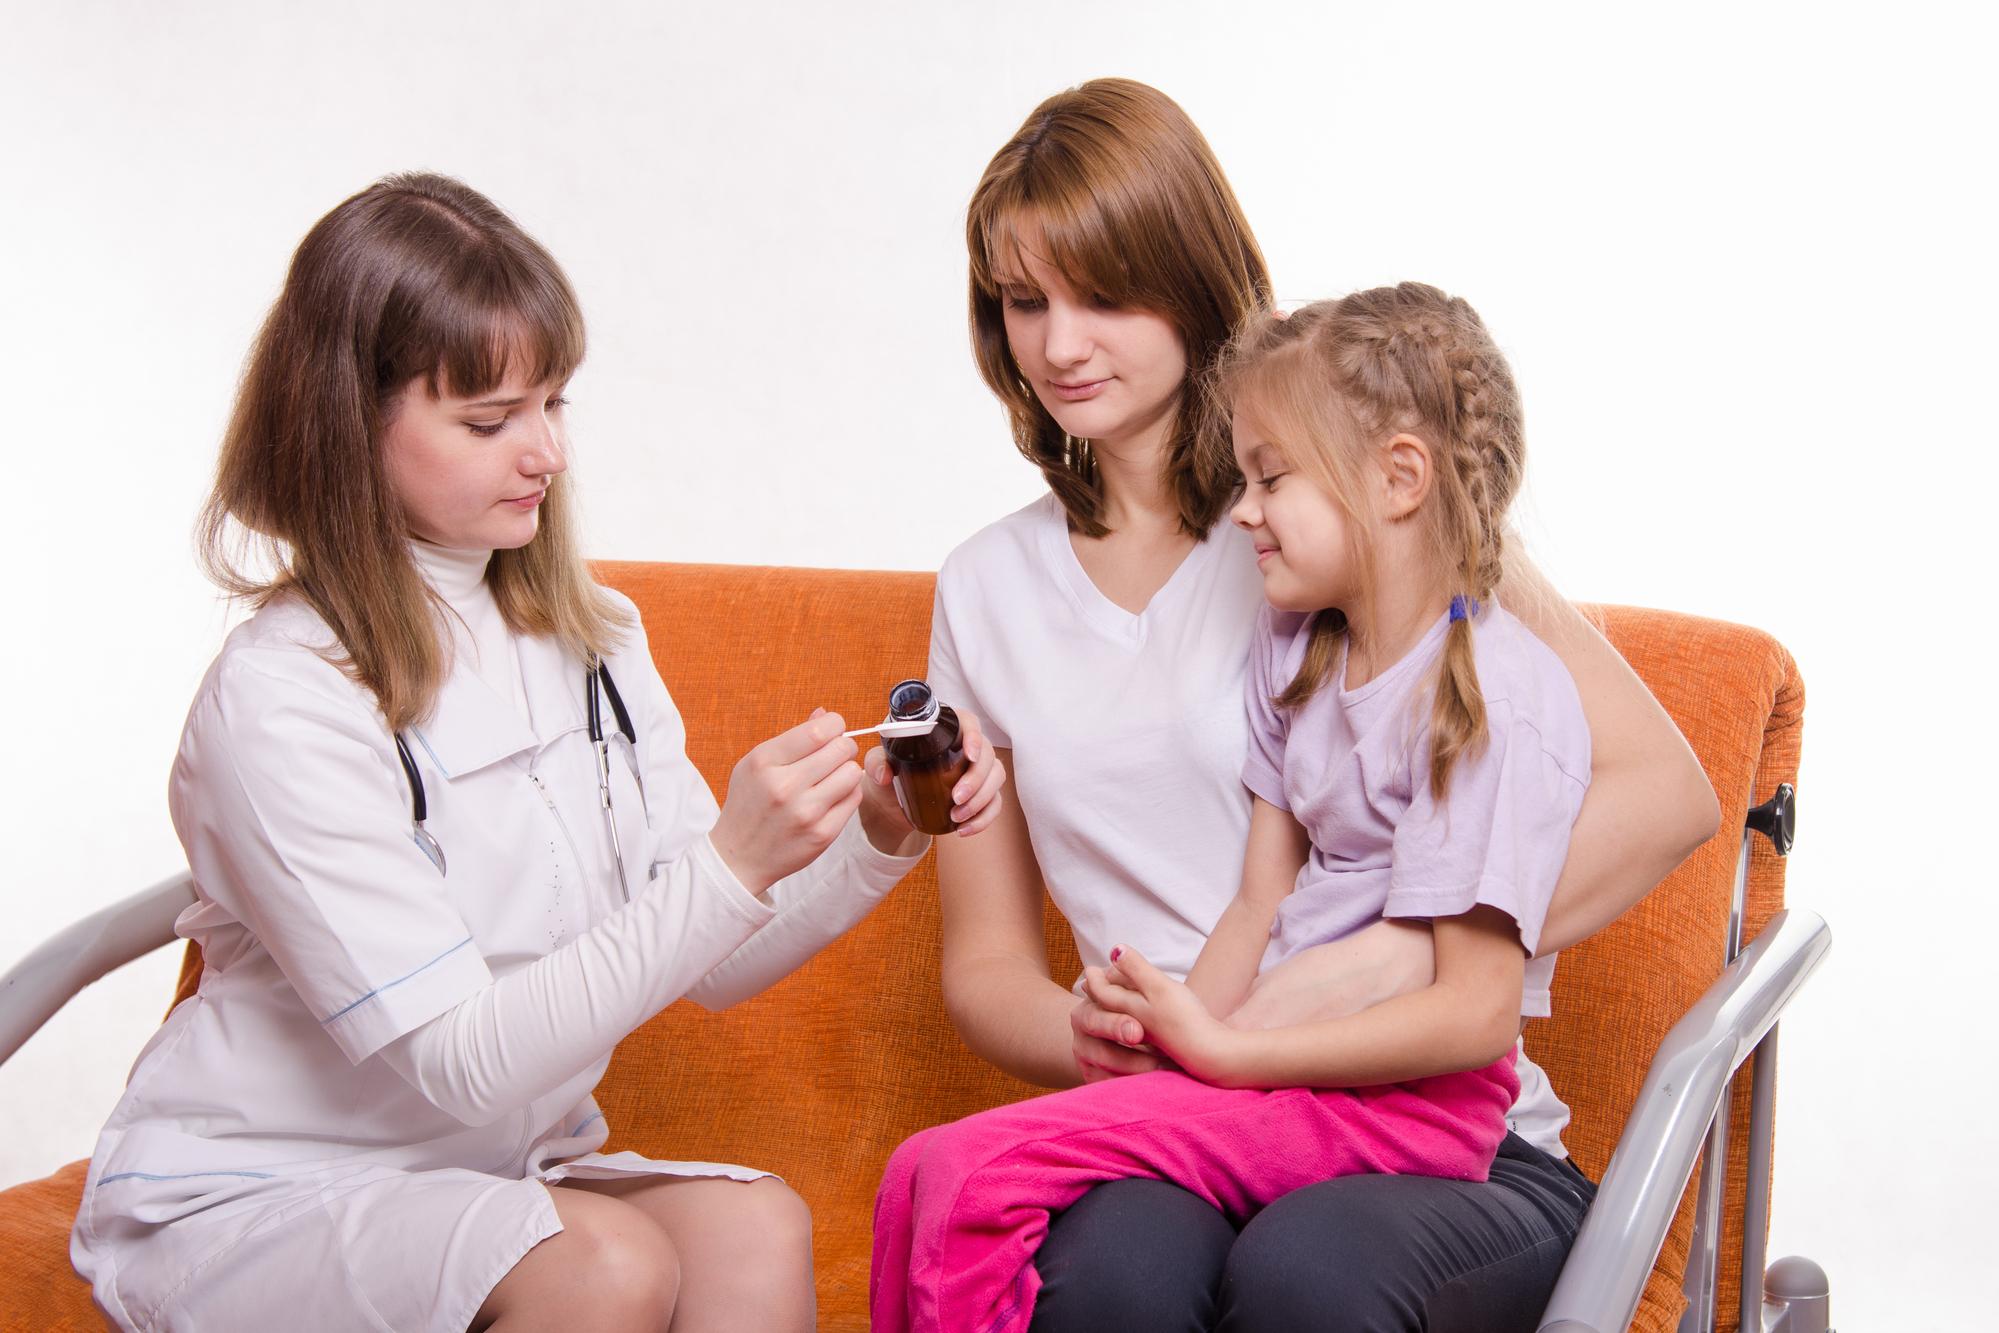 Сложный физиологический процесс или как научить ребенка глотать таблетки